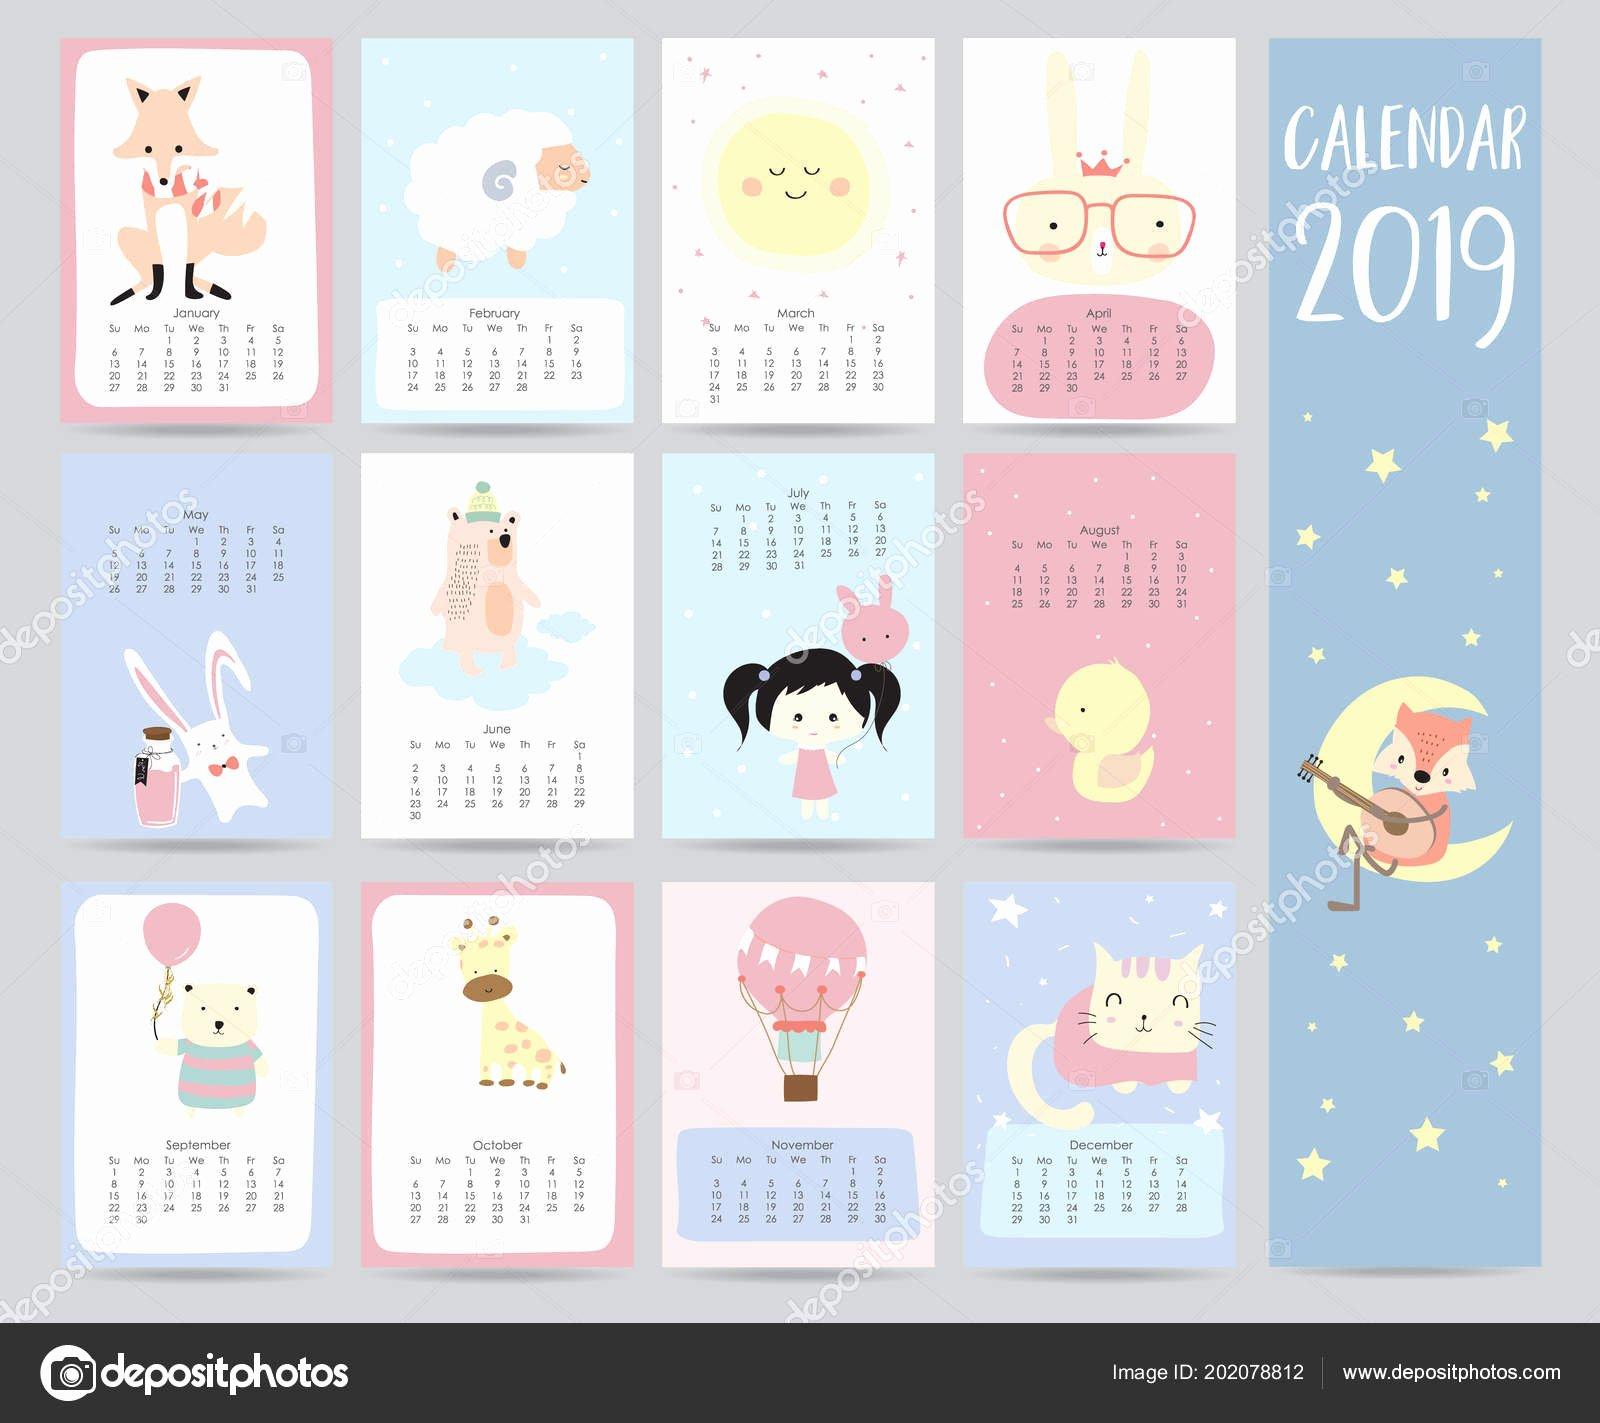 2019 Cute Calendar Printable Lovely Cute Monthly Calendar 2019 Fox Sheep Moon Rabbit Girl Bear